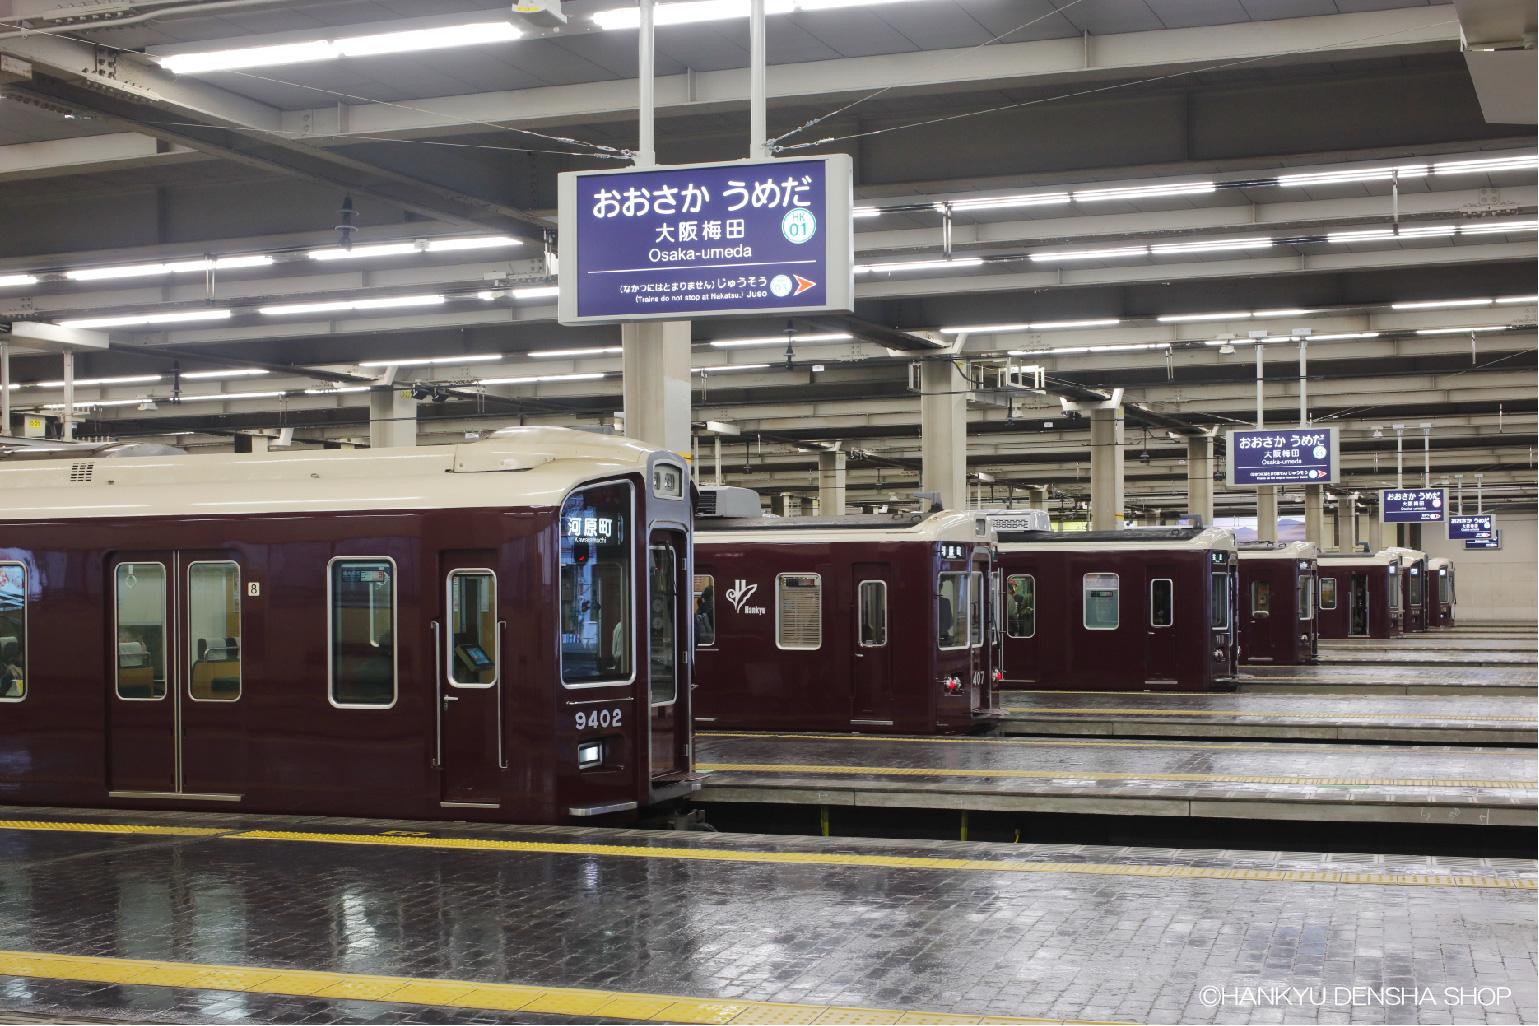 阪急電車好きのためのオンラインショップ 【HANKYU DENSHA SHOP】